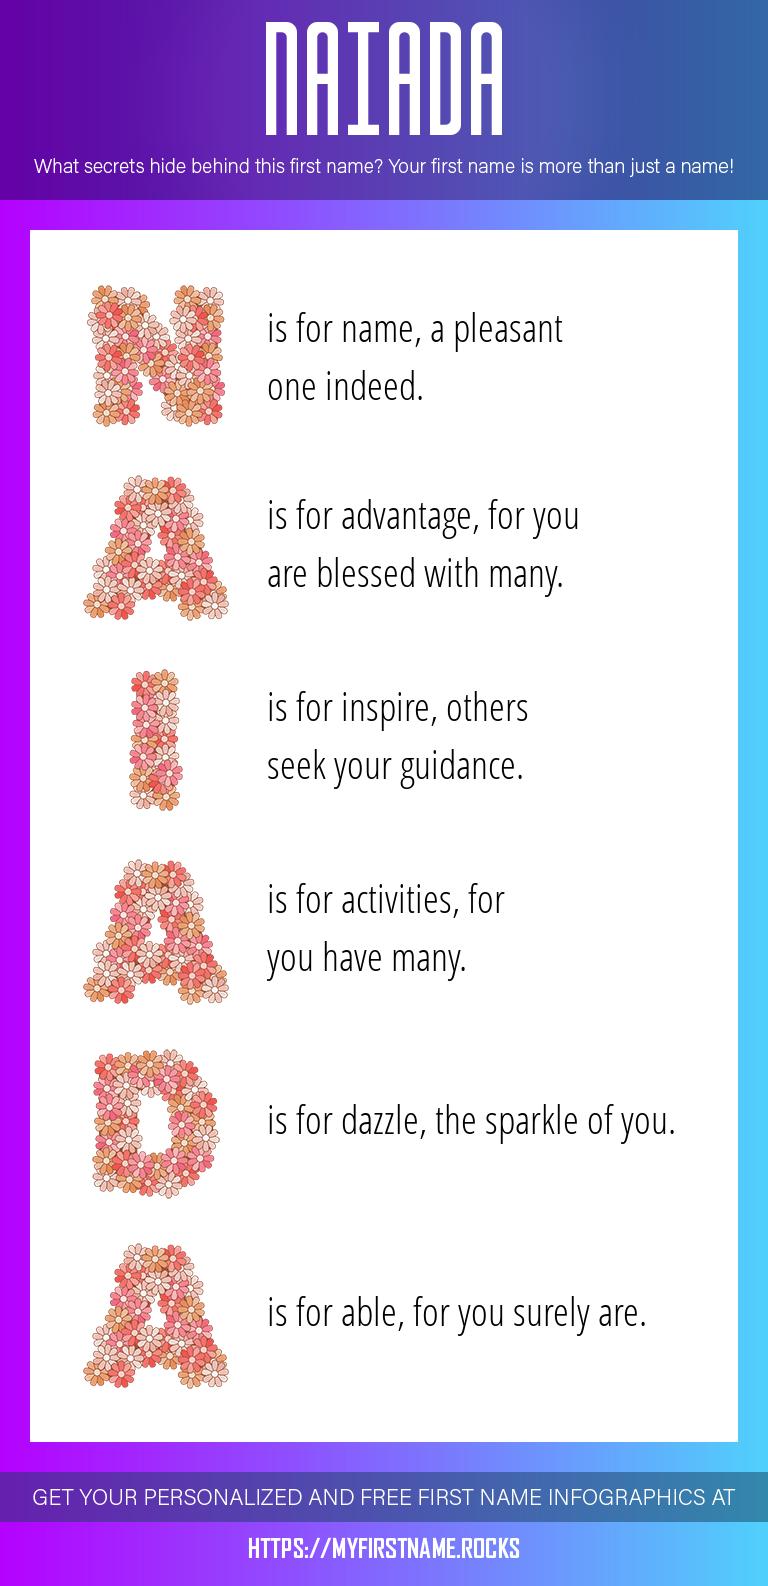 Naiada Infographics